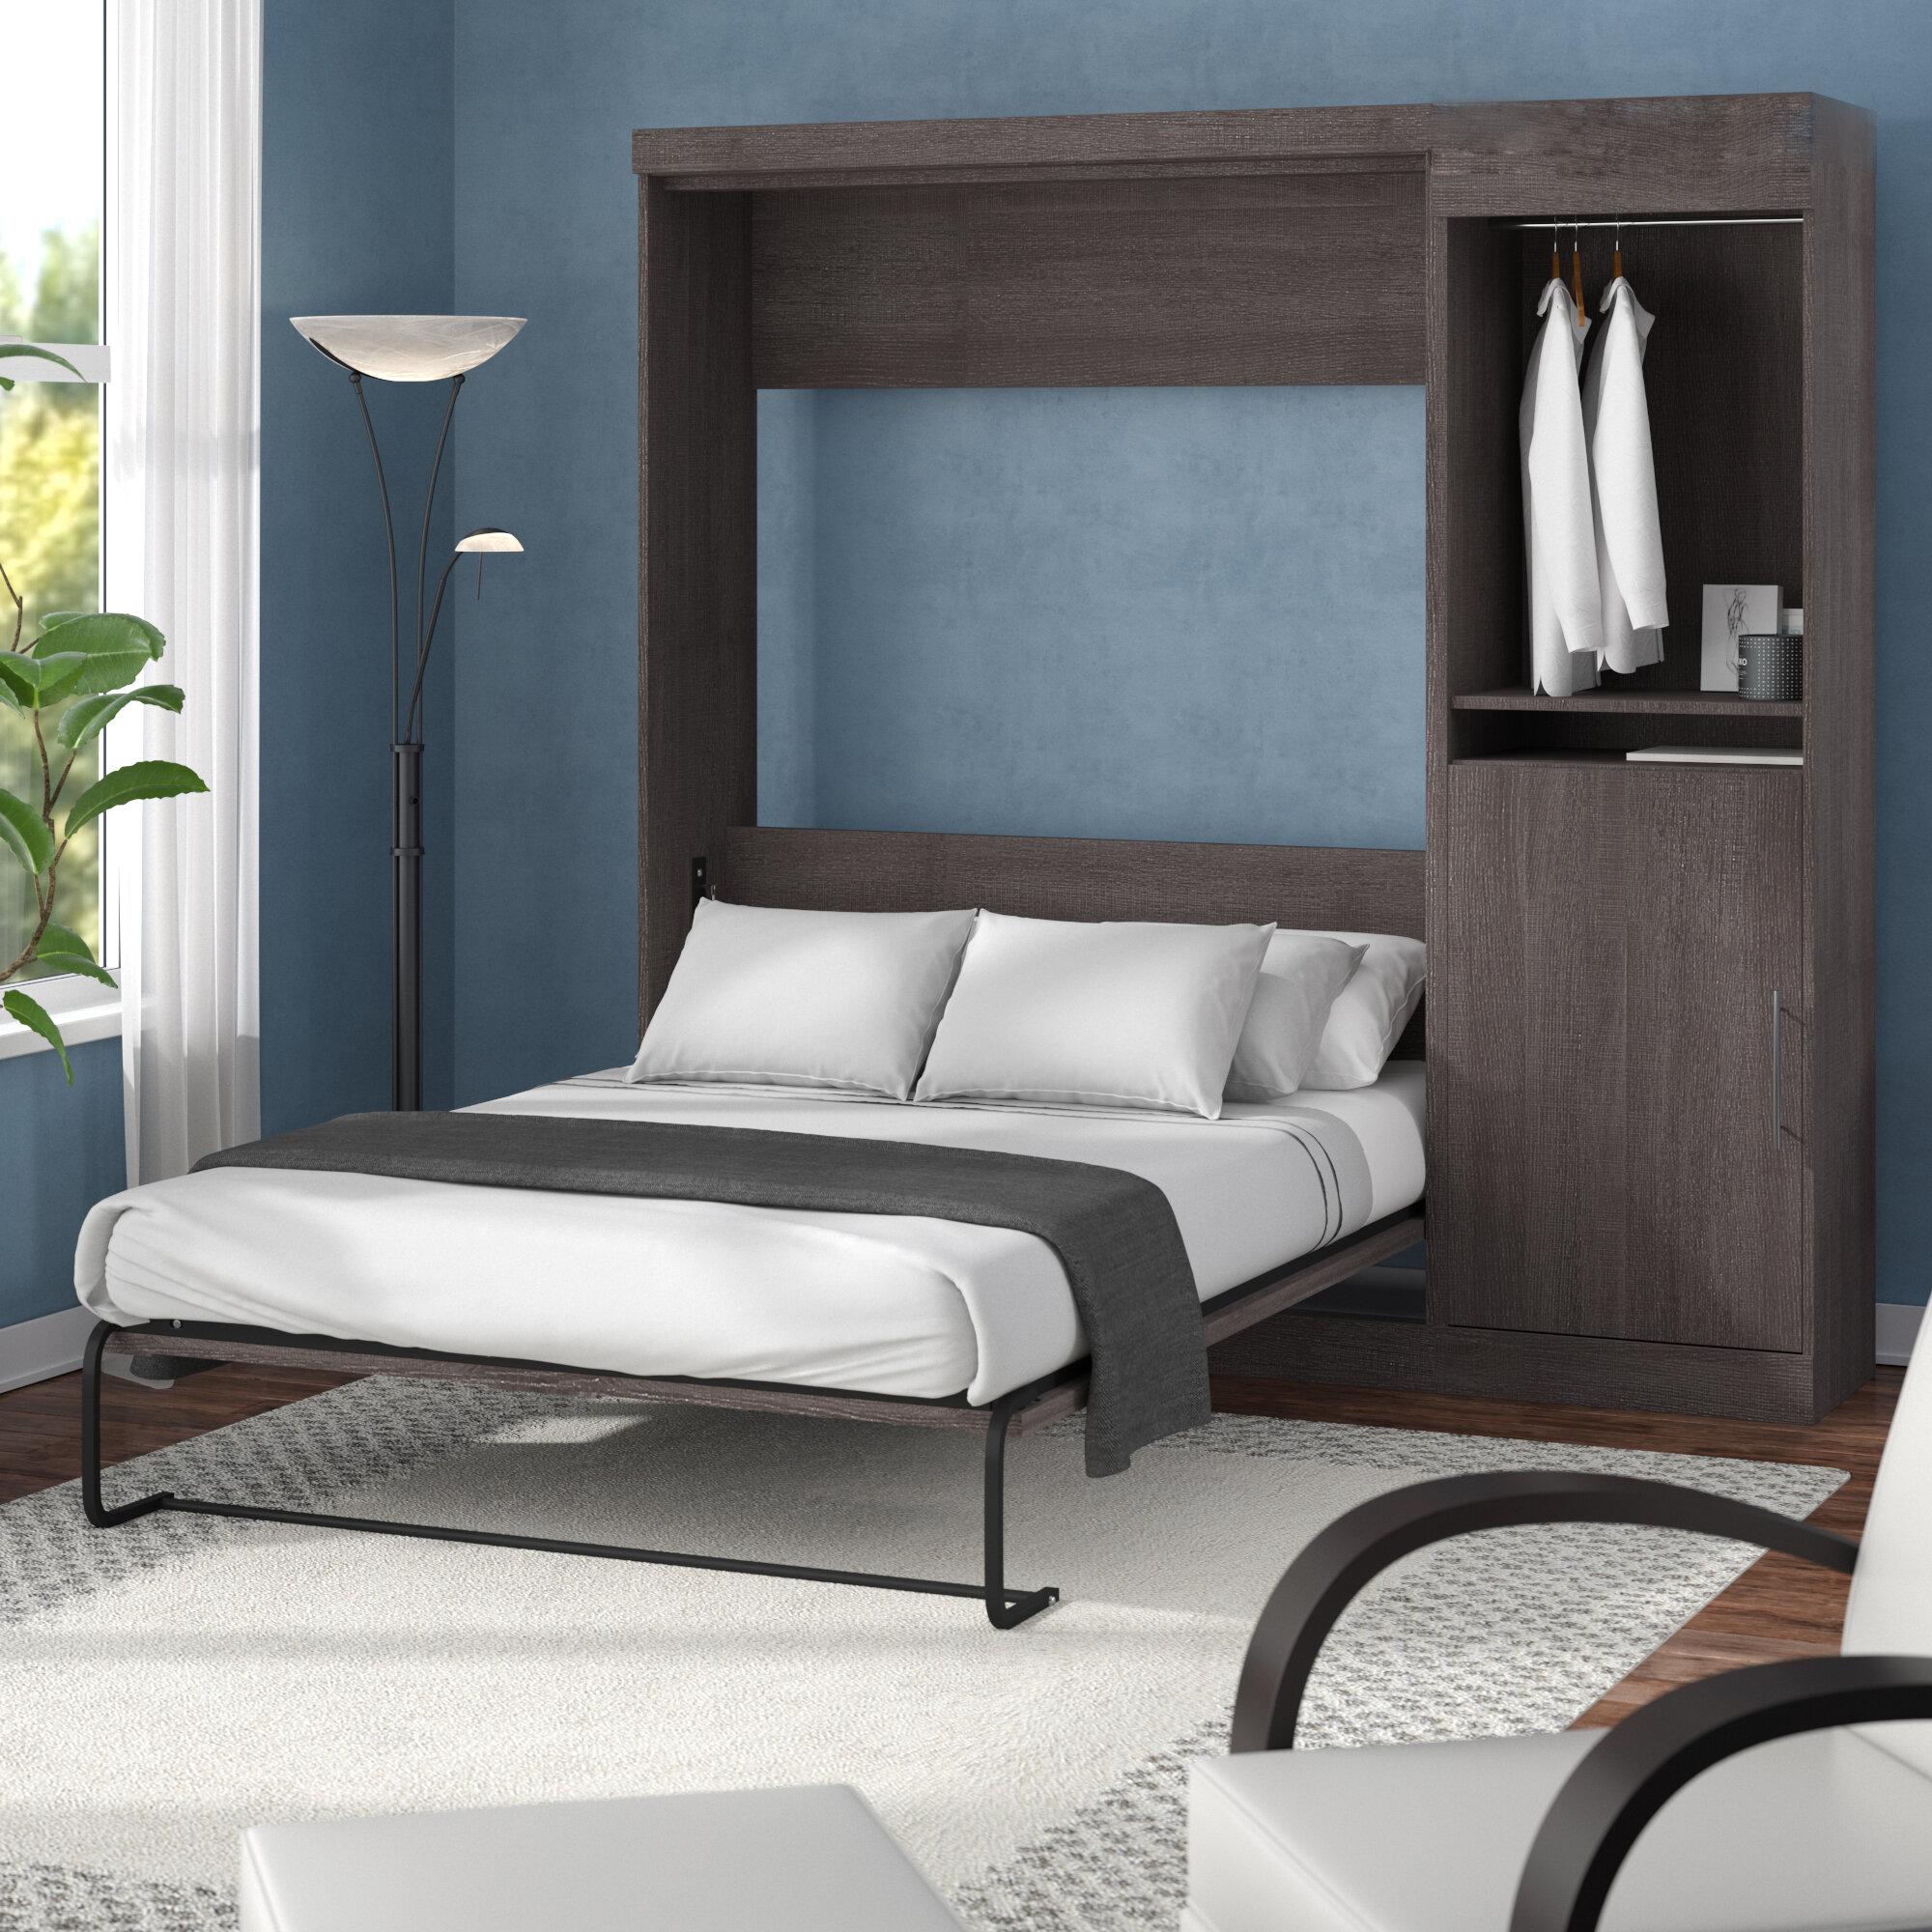 Brayden Studio Truett Fulldouble Murphy Bed Reviews Wayfair